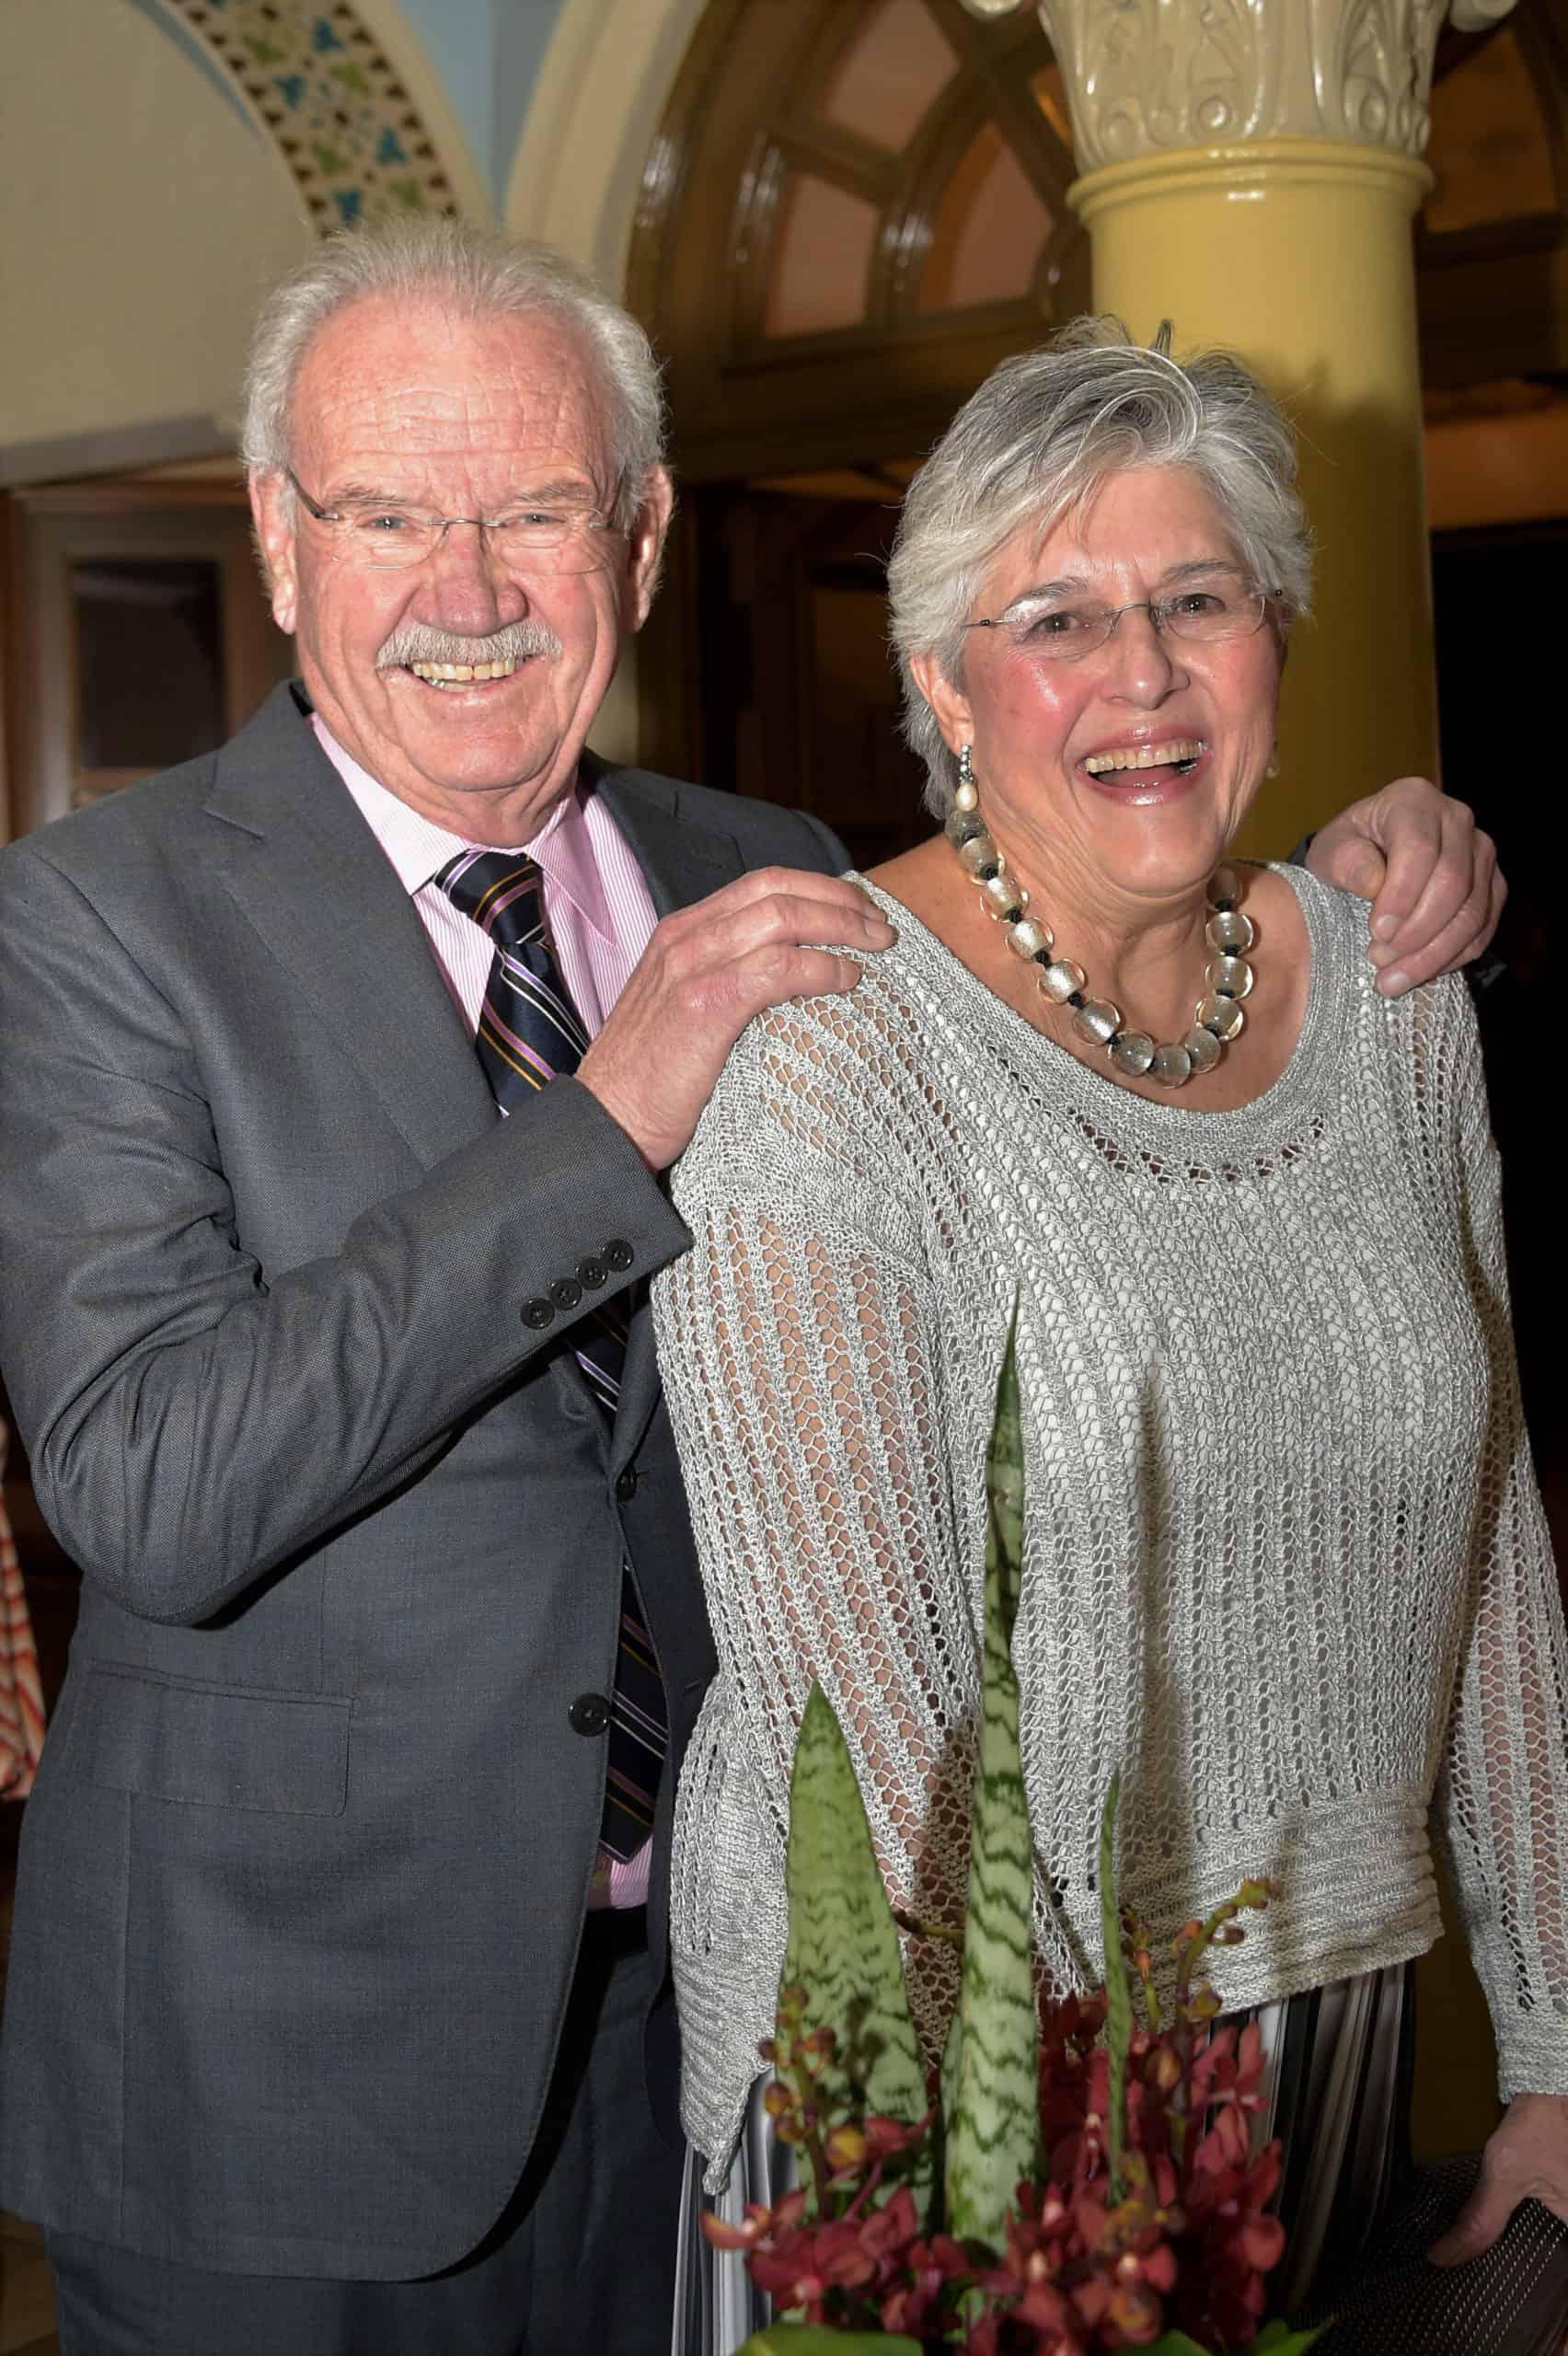 Phil and Linda Hardberger